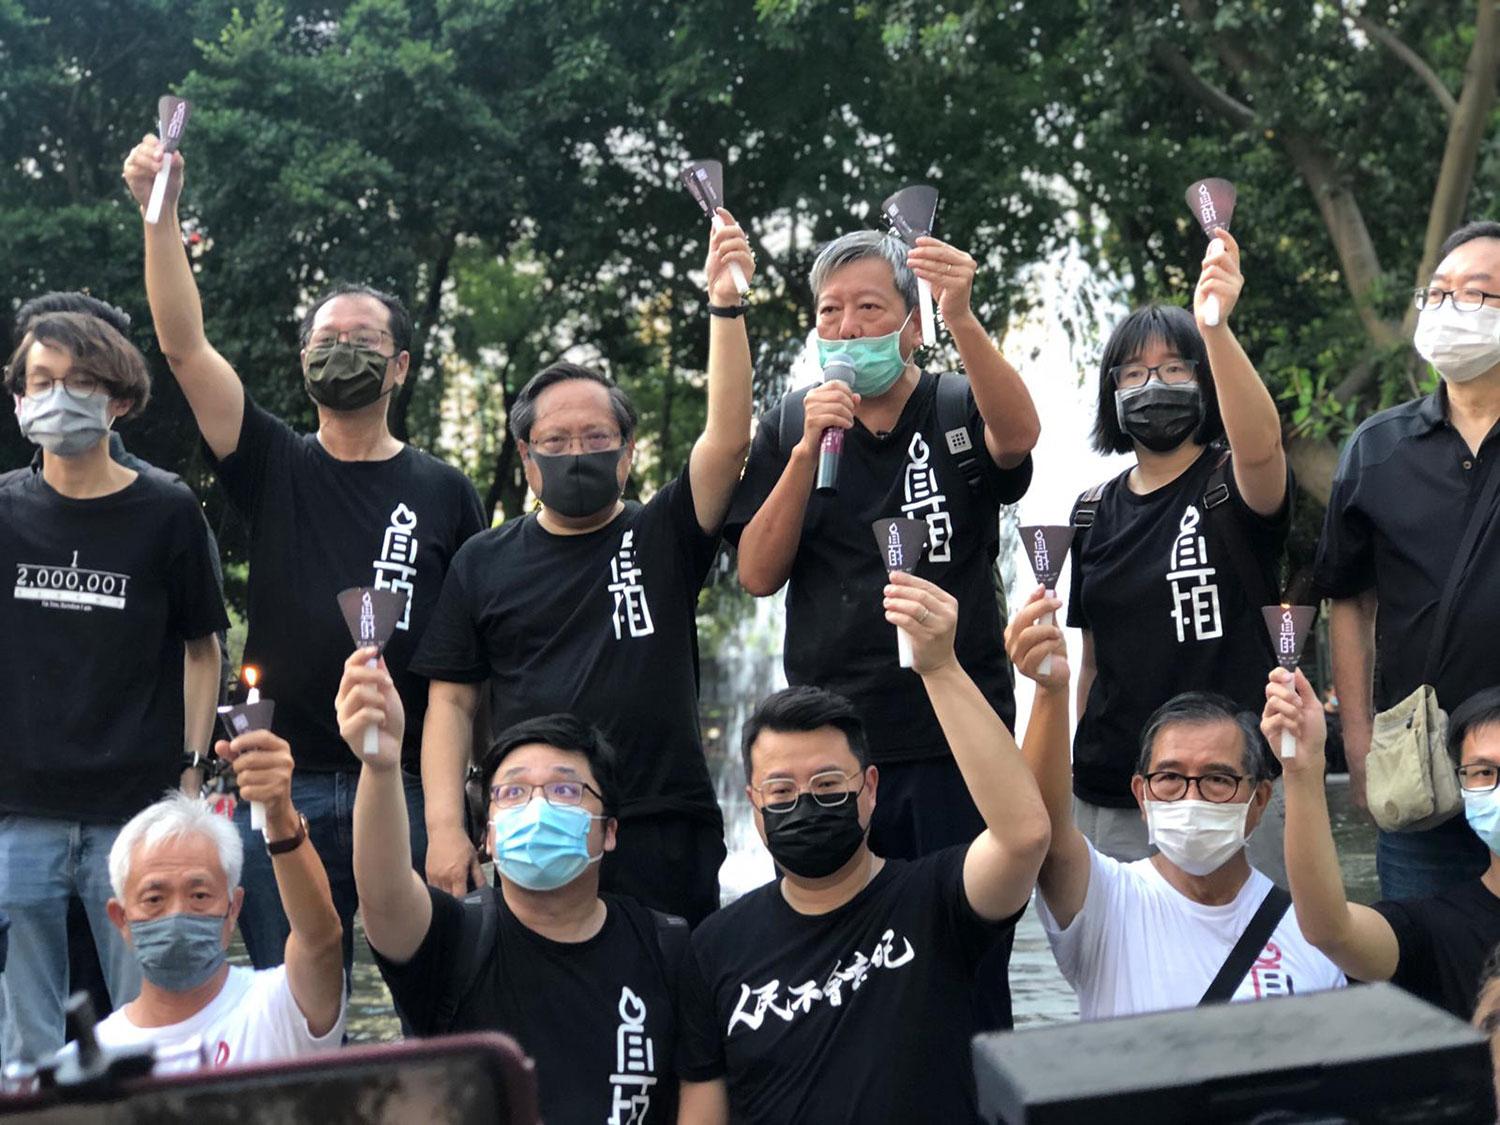 2020年6月4日,香港支联会坚持进入维多利亚公园悼念六四。(文海欣摄)